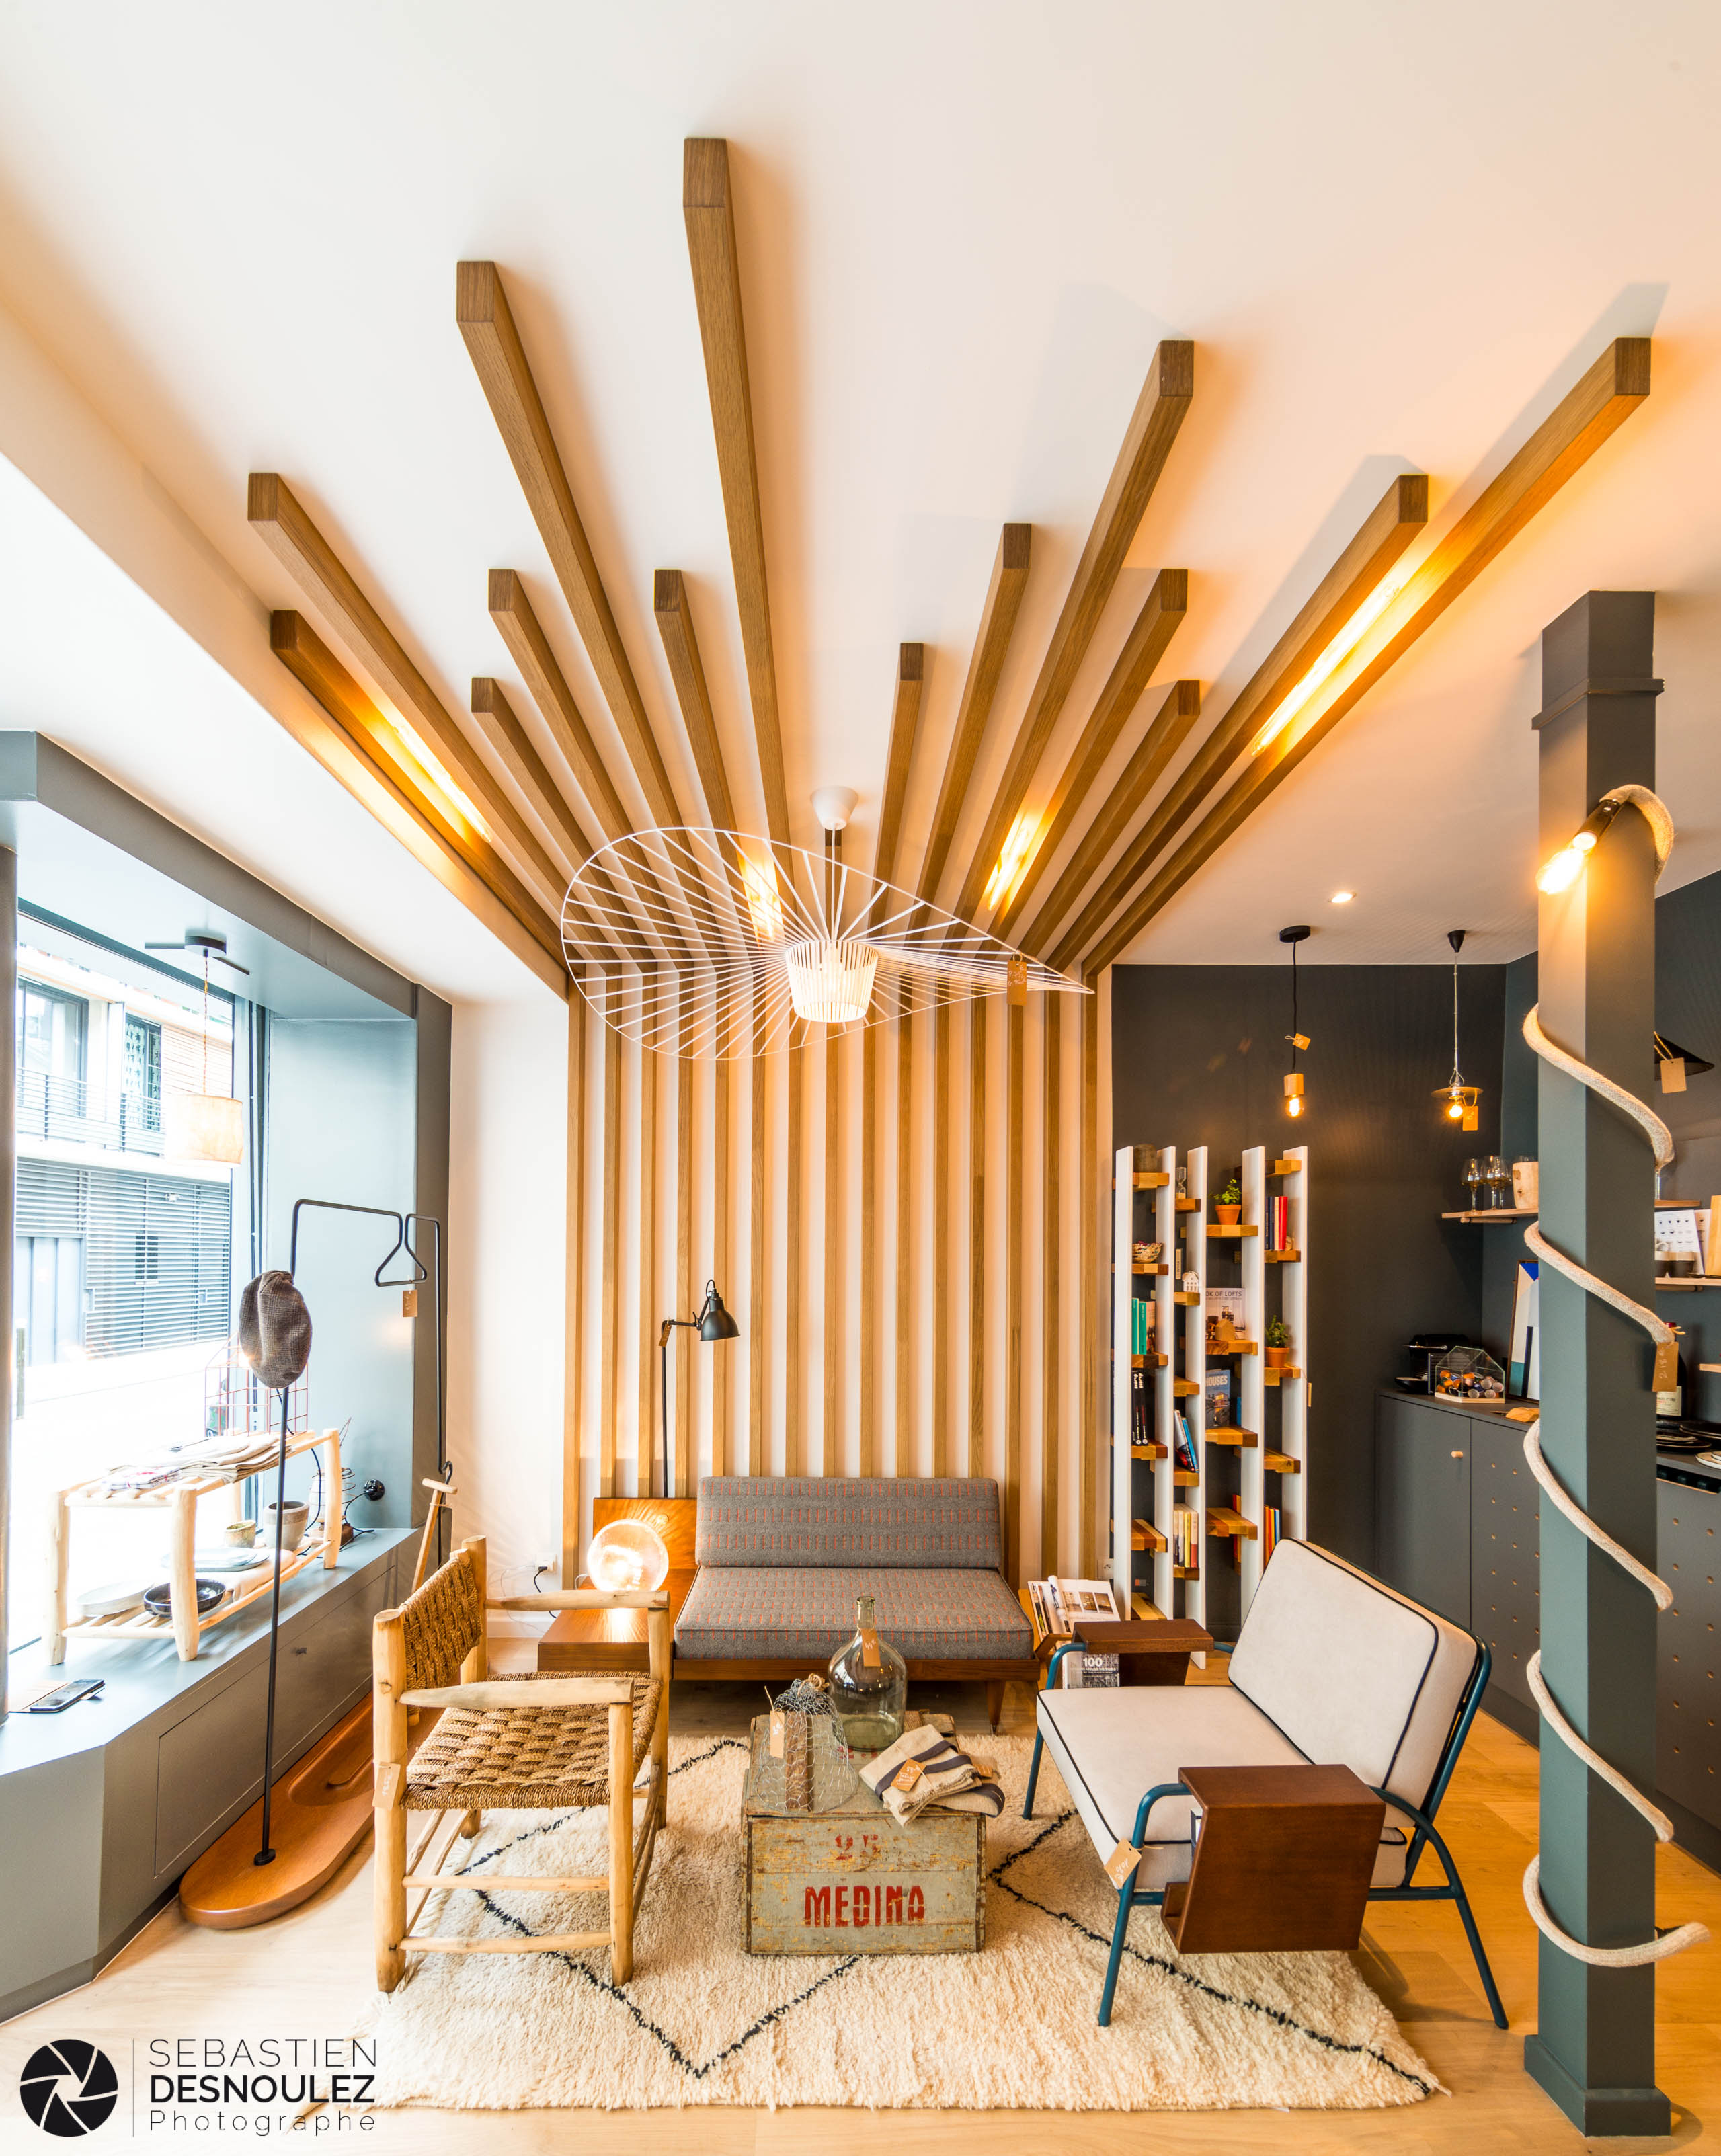 <strong>Photographe de décoration et d'architecture d'intérieur<span><b>in</b>Architecture </span></strong><i>→</i>